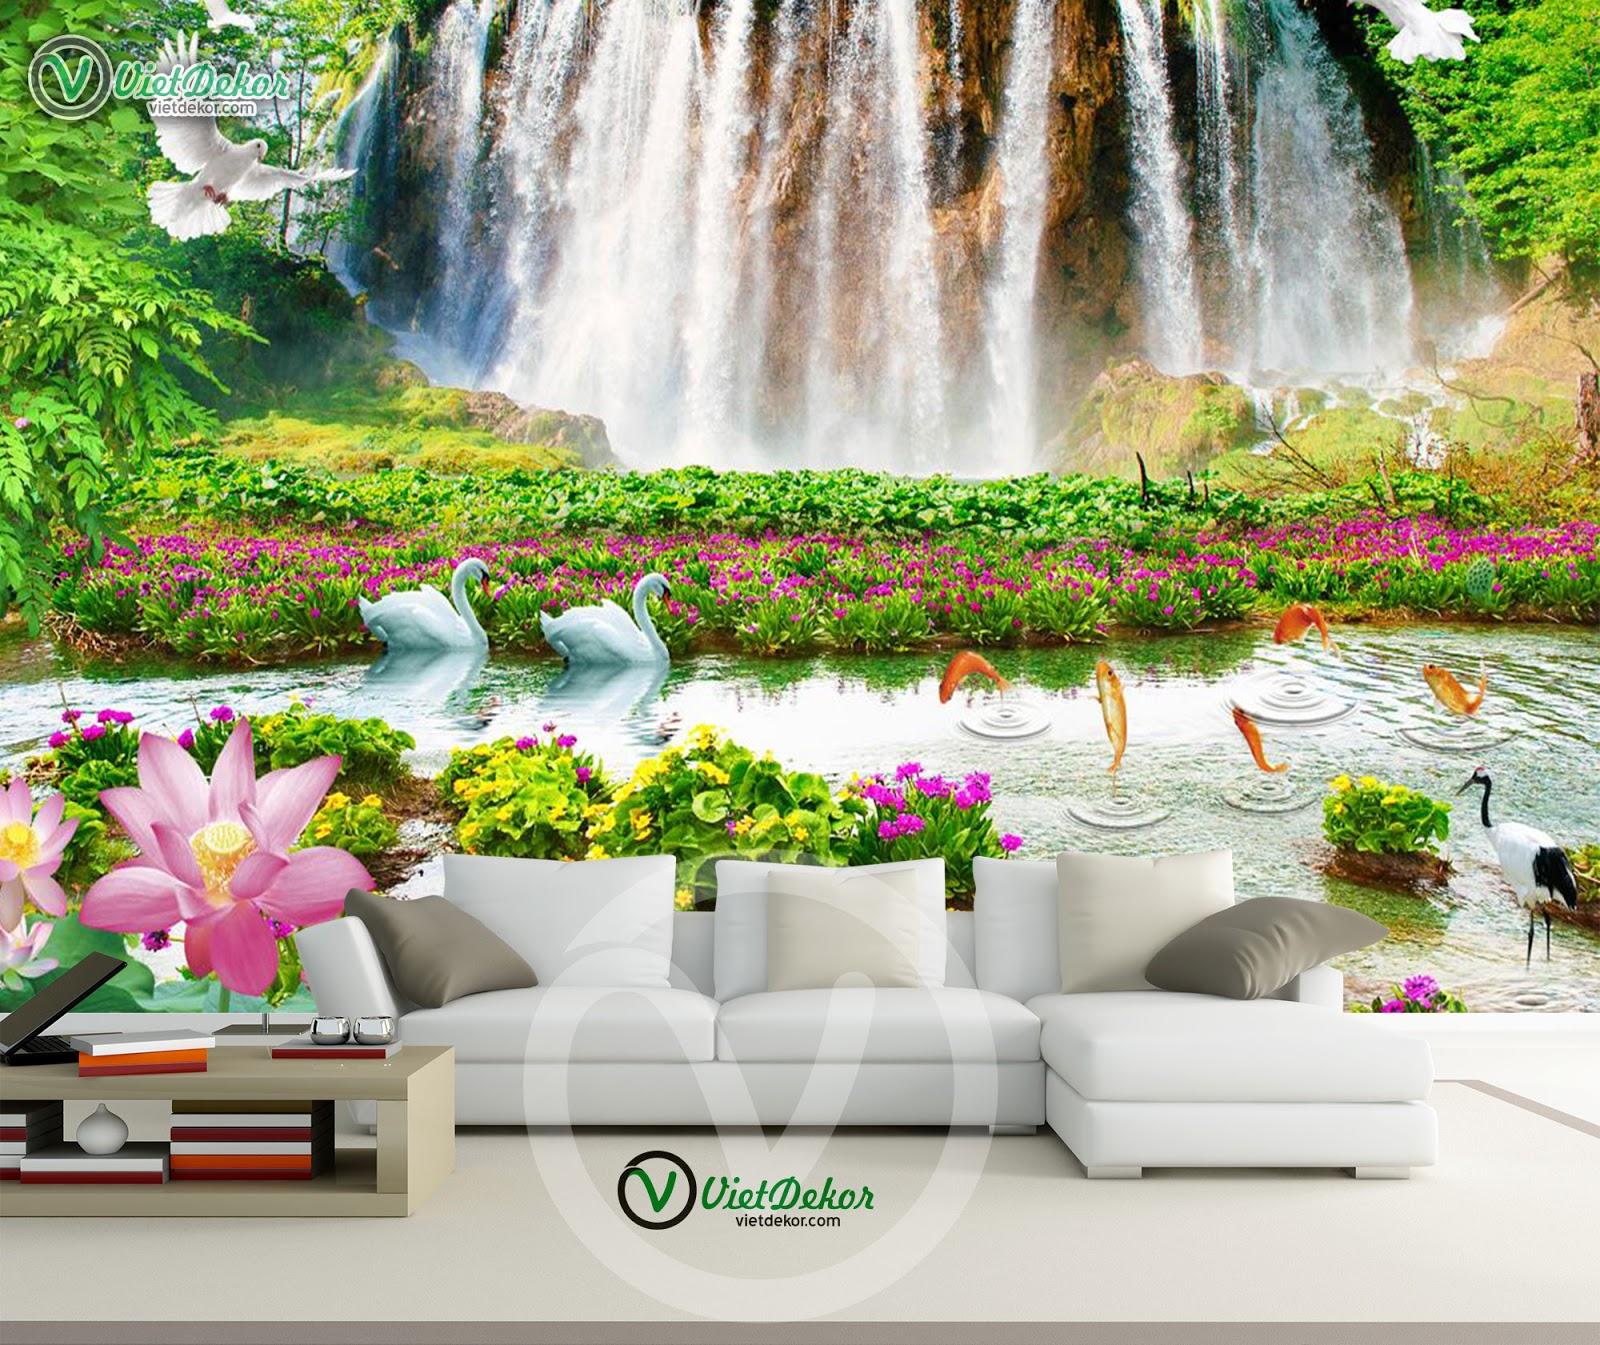 Tranh dán tường phong cảnh chim trời thác nước cho phòng khách đẹp